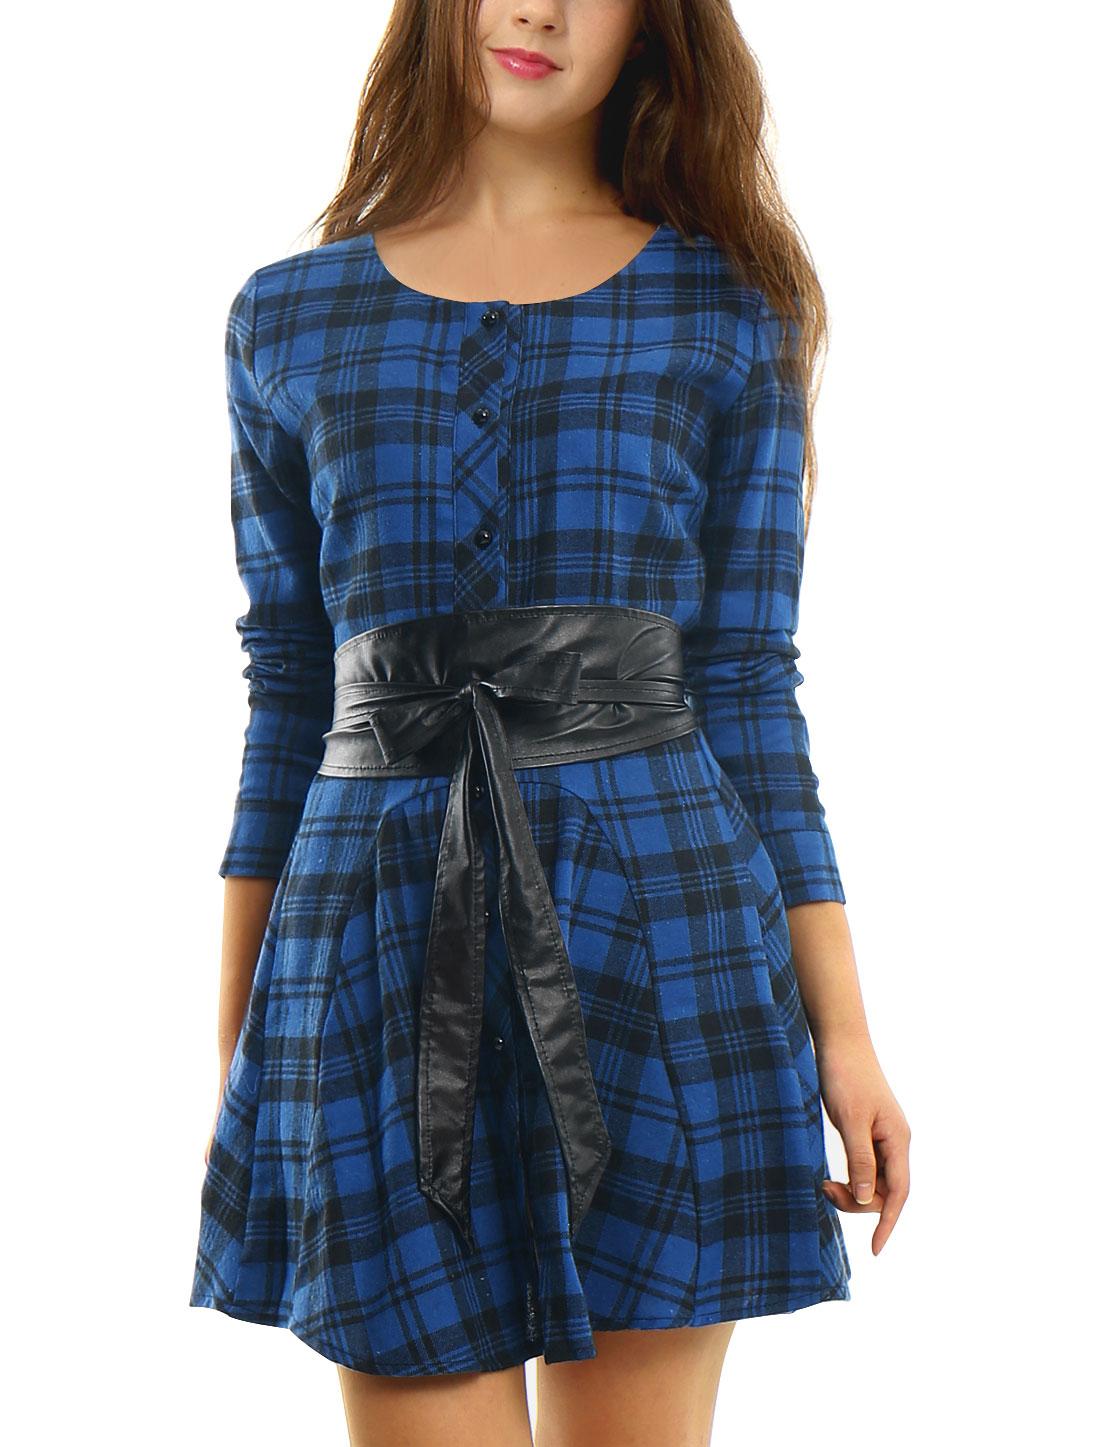 Women Plaids Long Sleeves Belted A Line Shirt Dress Dark Blue Black XL